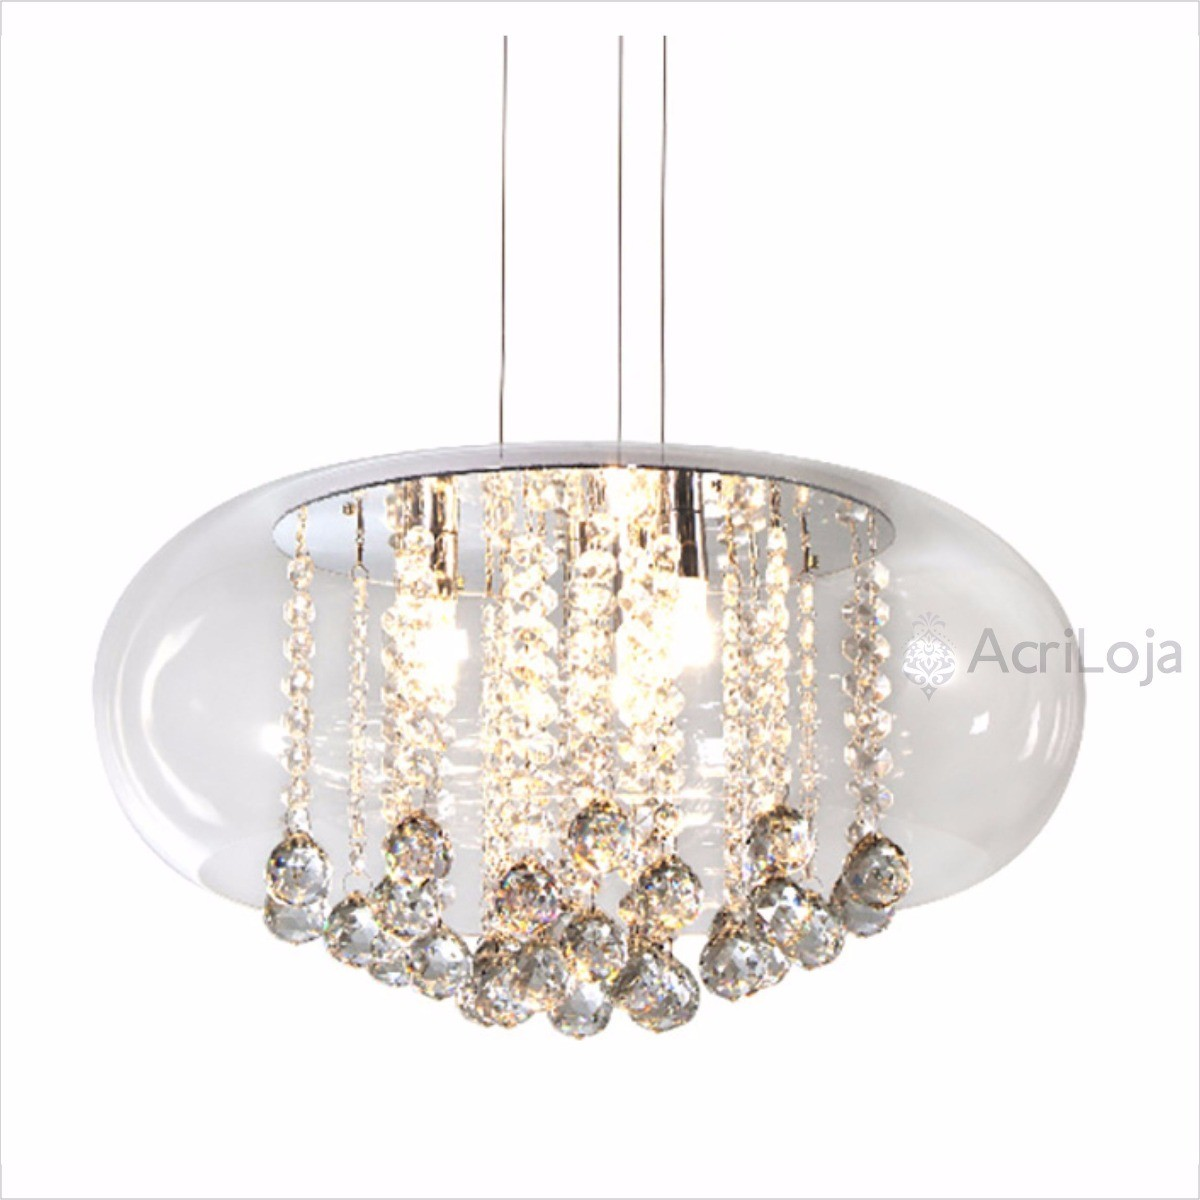 Luminaria Pendente Cristallia de Acrilico Cristal com Cristais 45cm x 18cm Altura, Lustre de Teto em Promoção